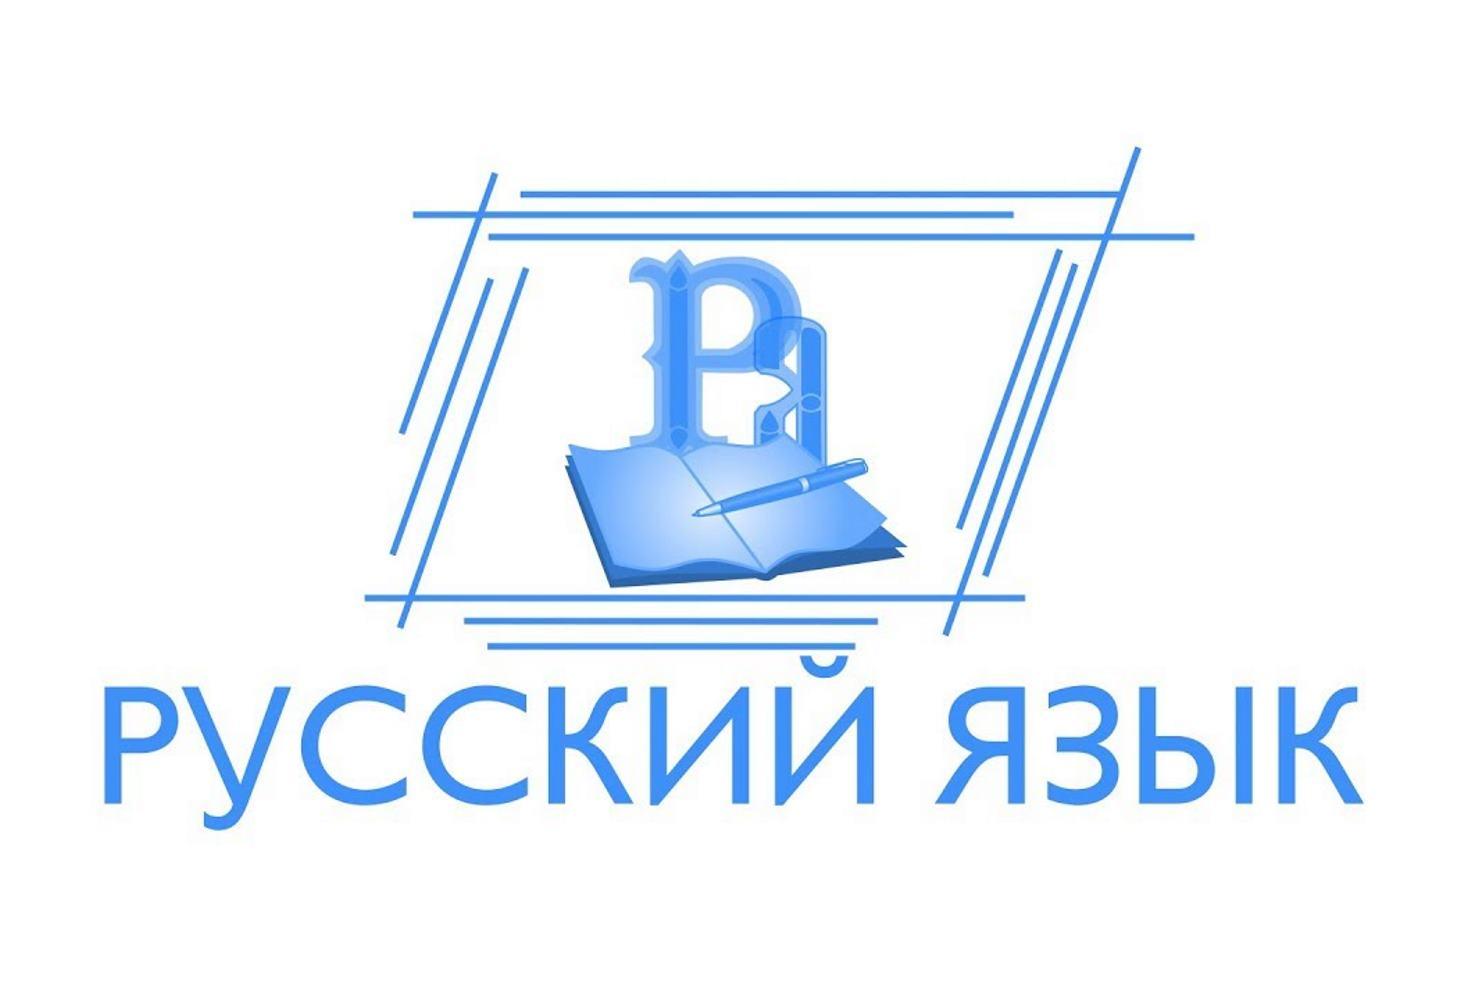 kak-uspeshno-podgotovitsya-k-ege-po-russkomu-yazyku